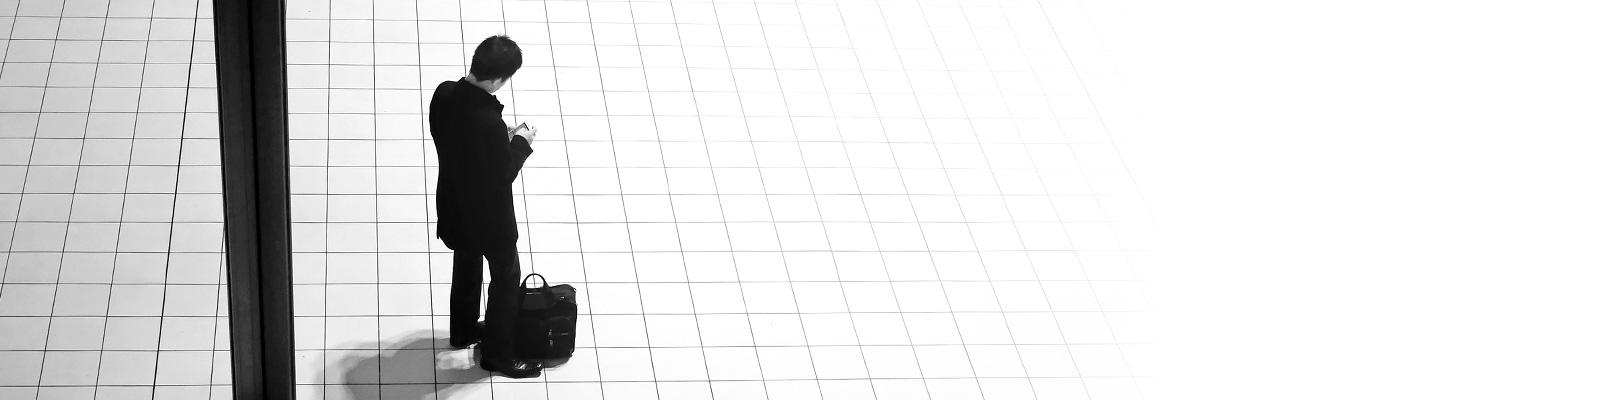 空間 孤独 イメージ